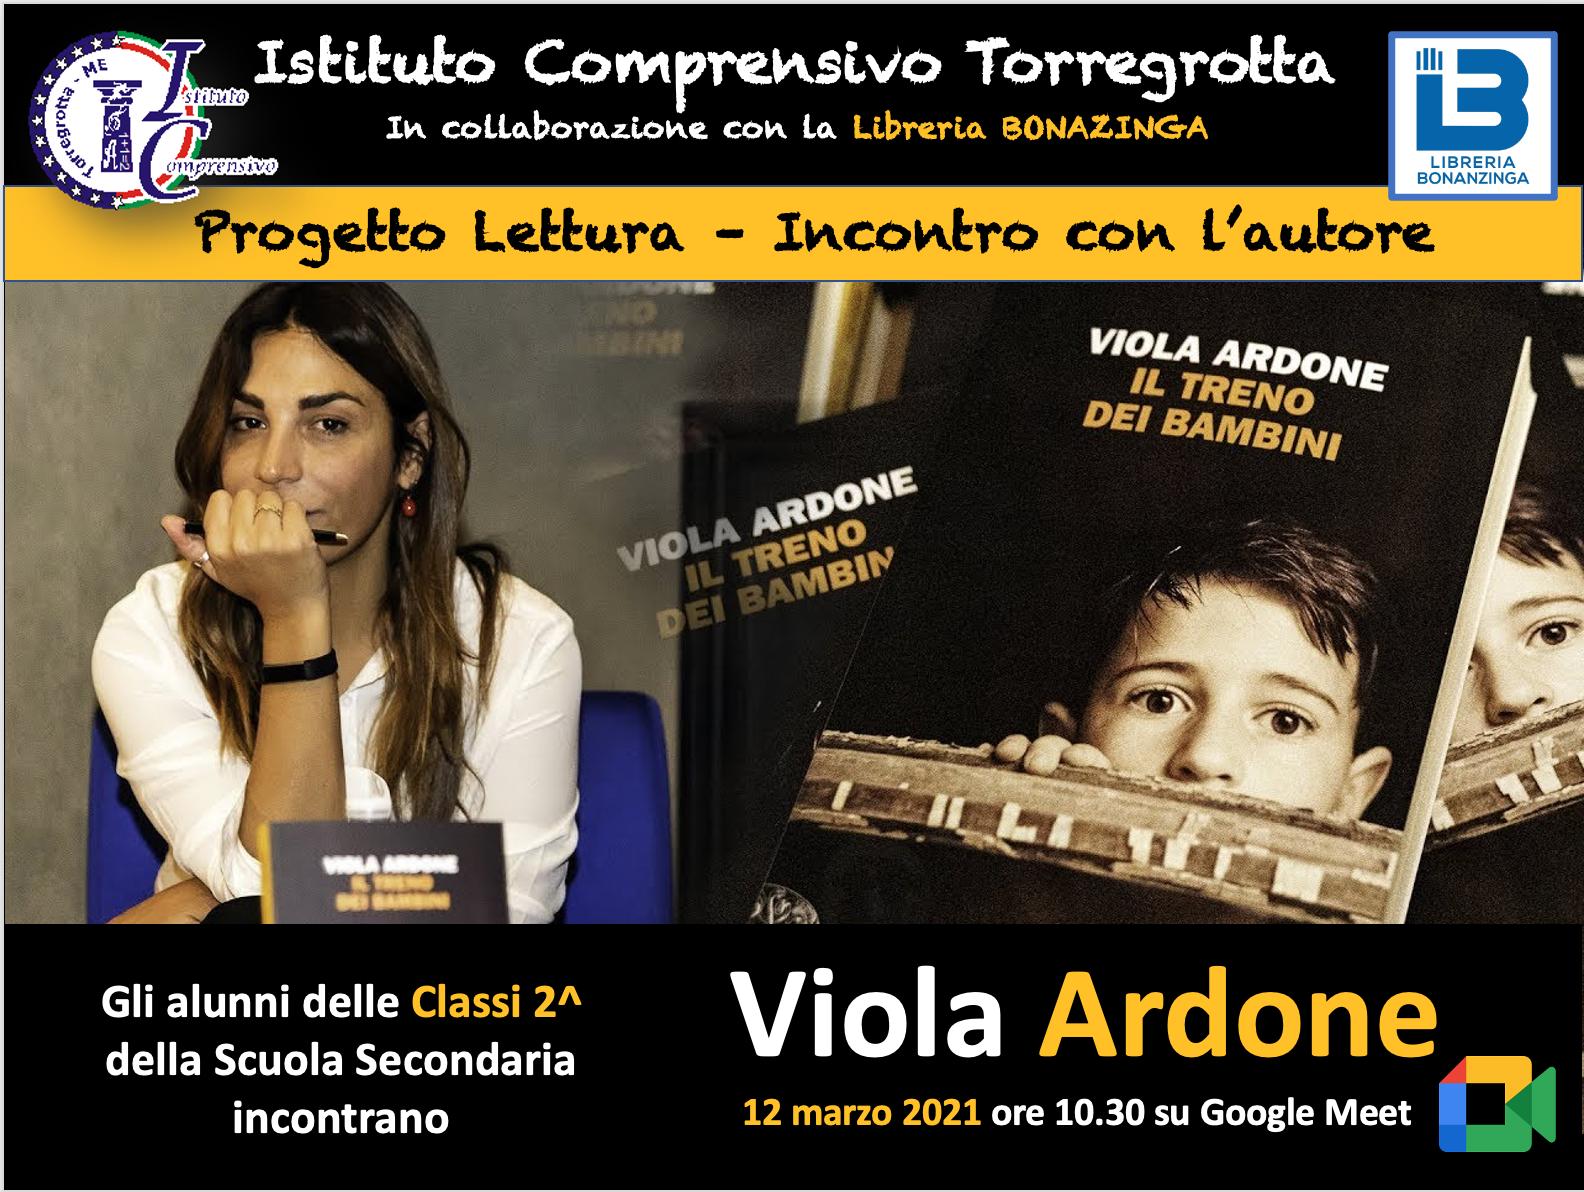 Incontro con la scrittrice Viola Ardone, autrice del romanzo